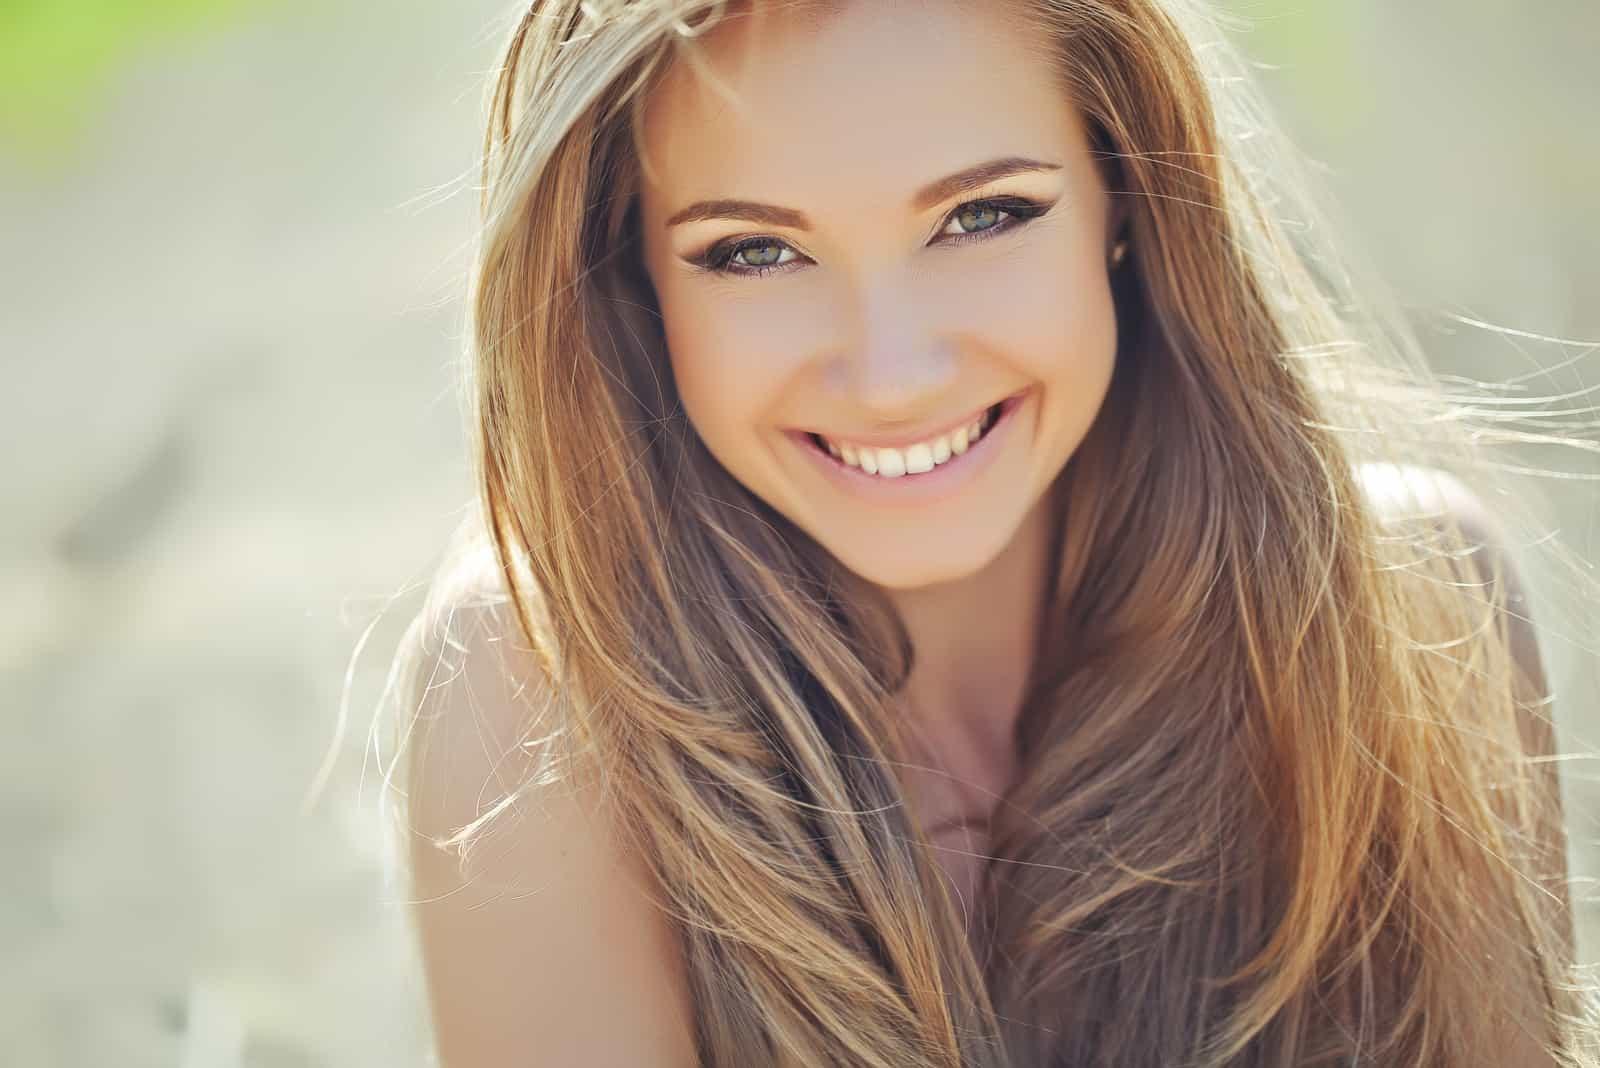 une femme souriante aux longs cheveux bruns